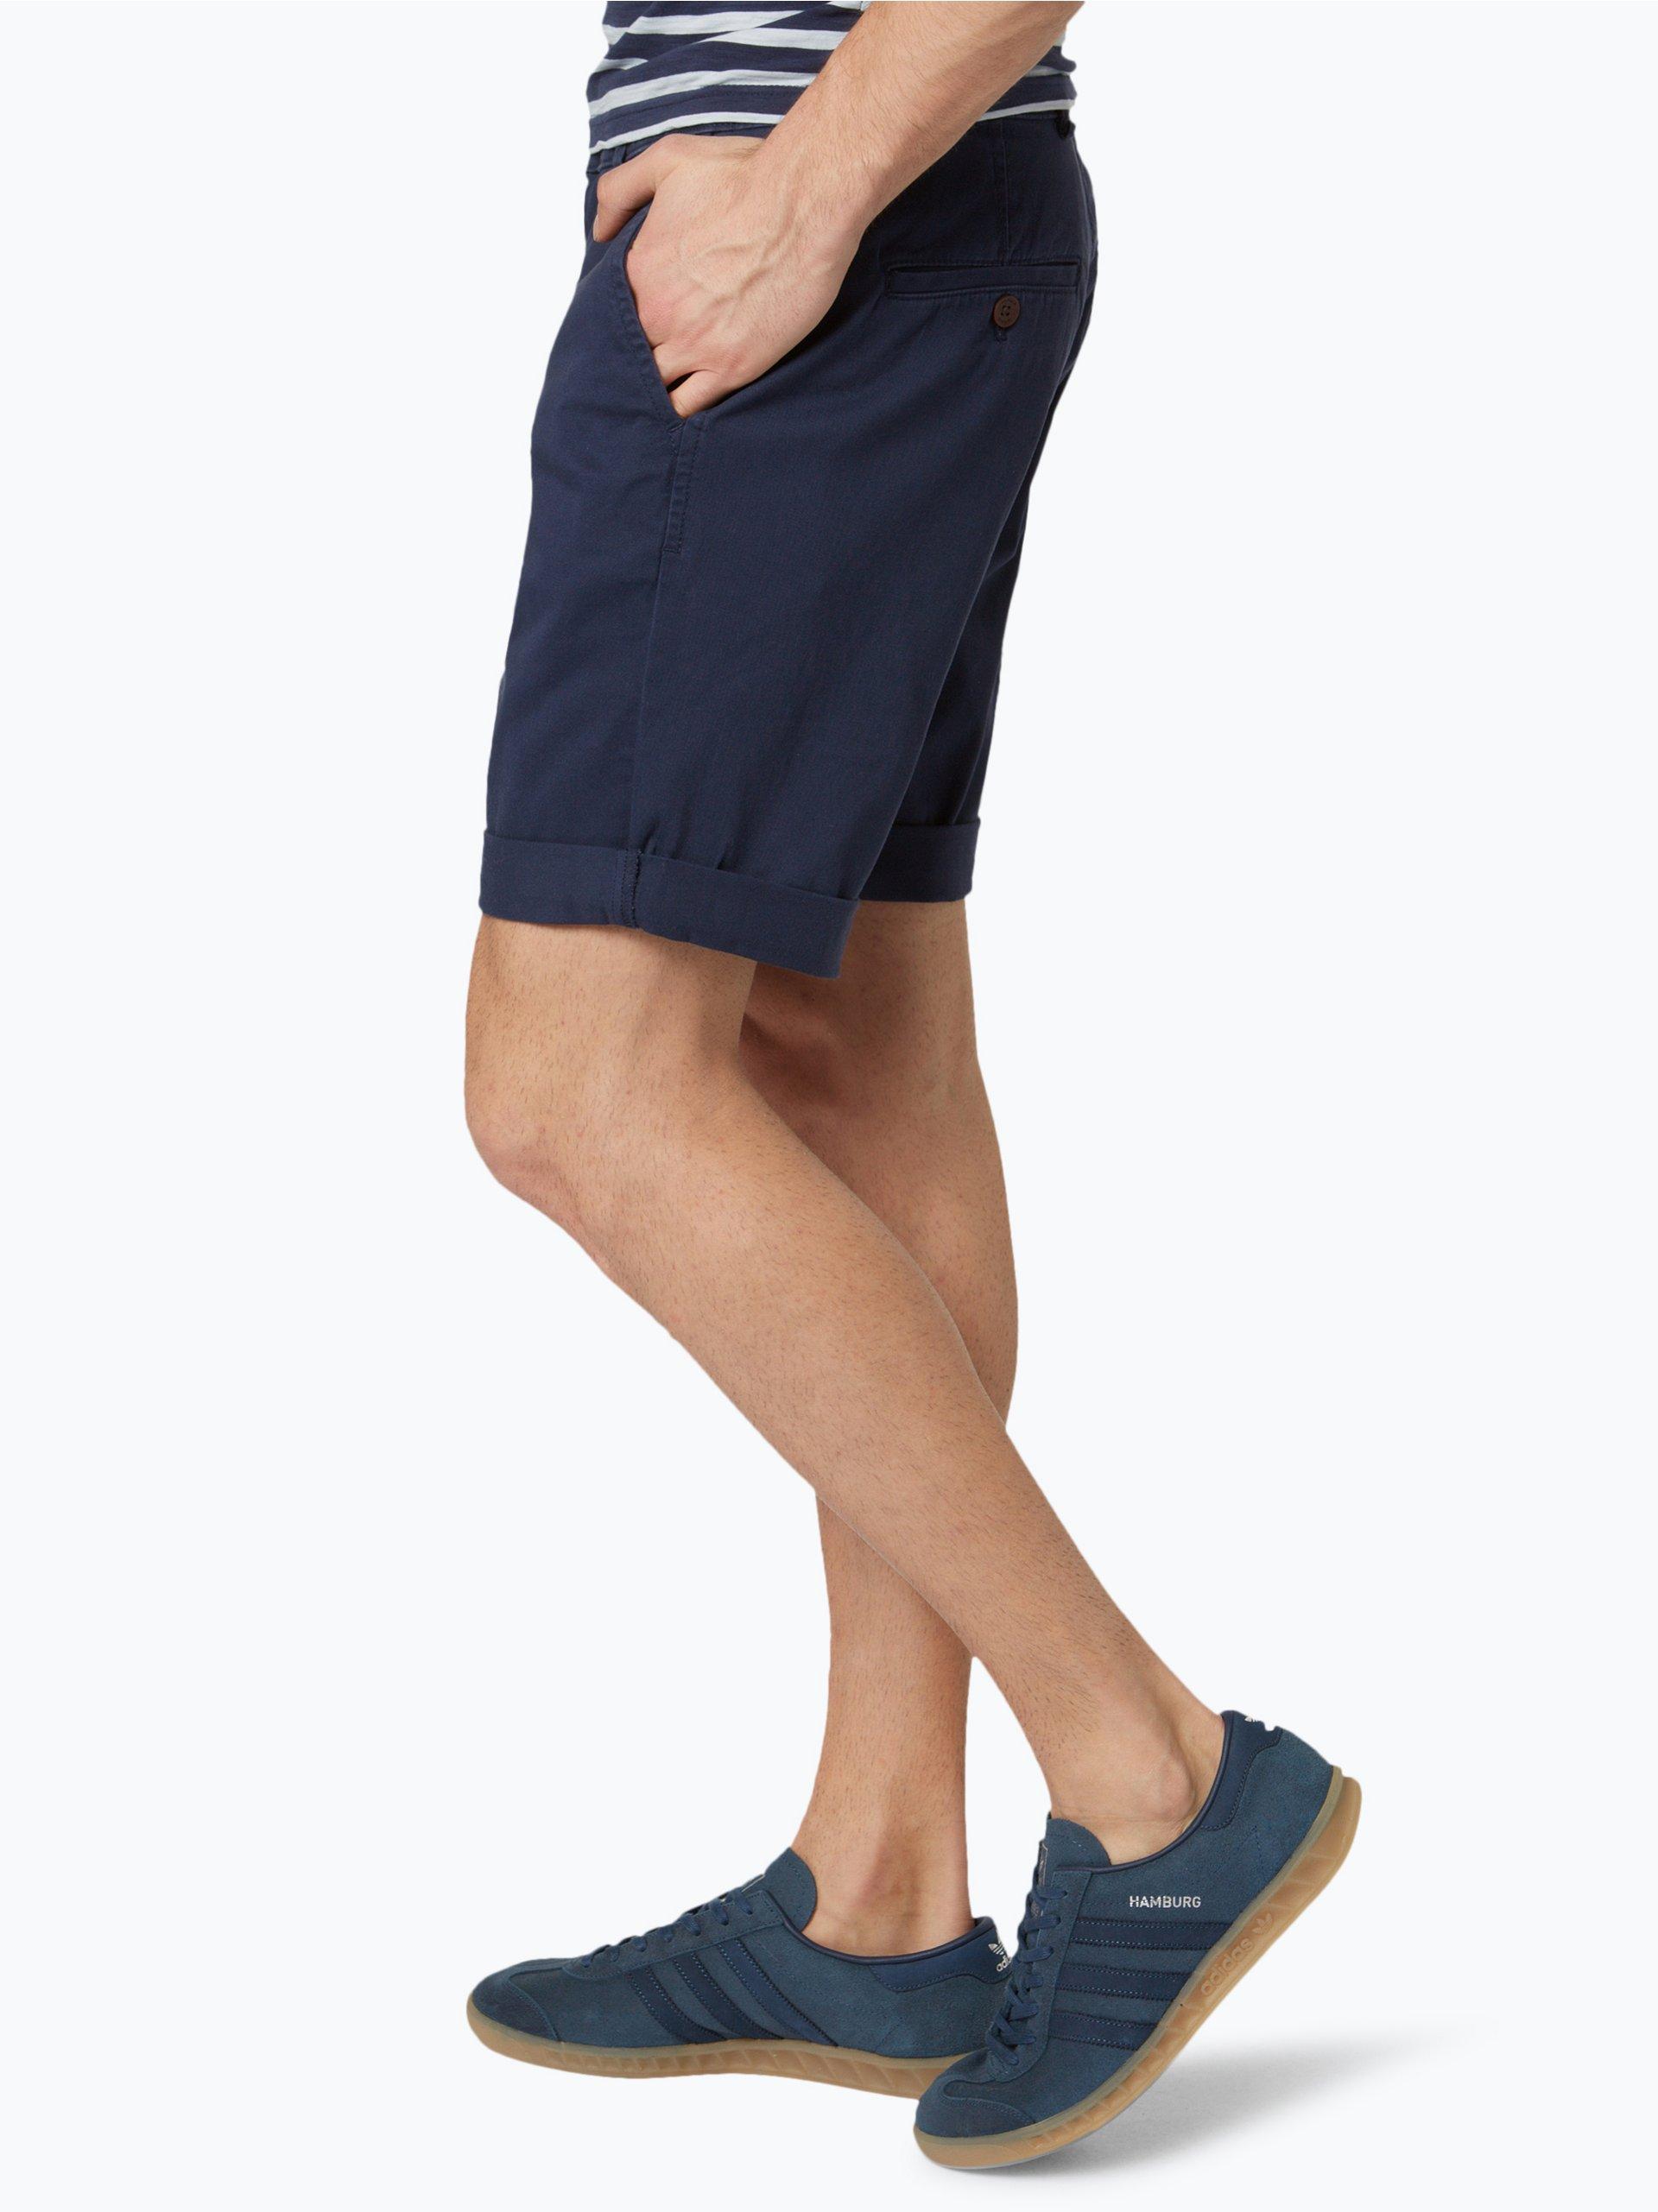 hilfiger denim herren shorts schwarz uni online kaufen peek und cloppenburg de. Black Bedroom Furniture Sets. Home Design Ideas